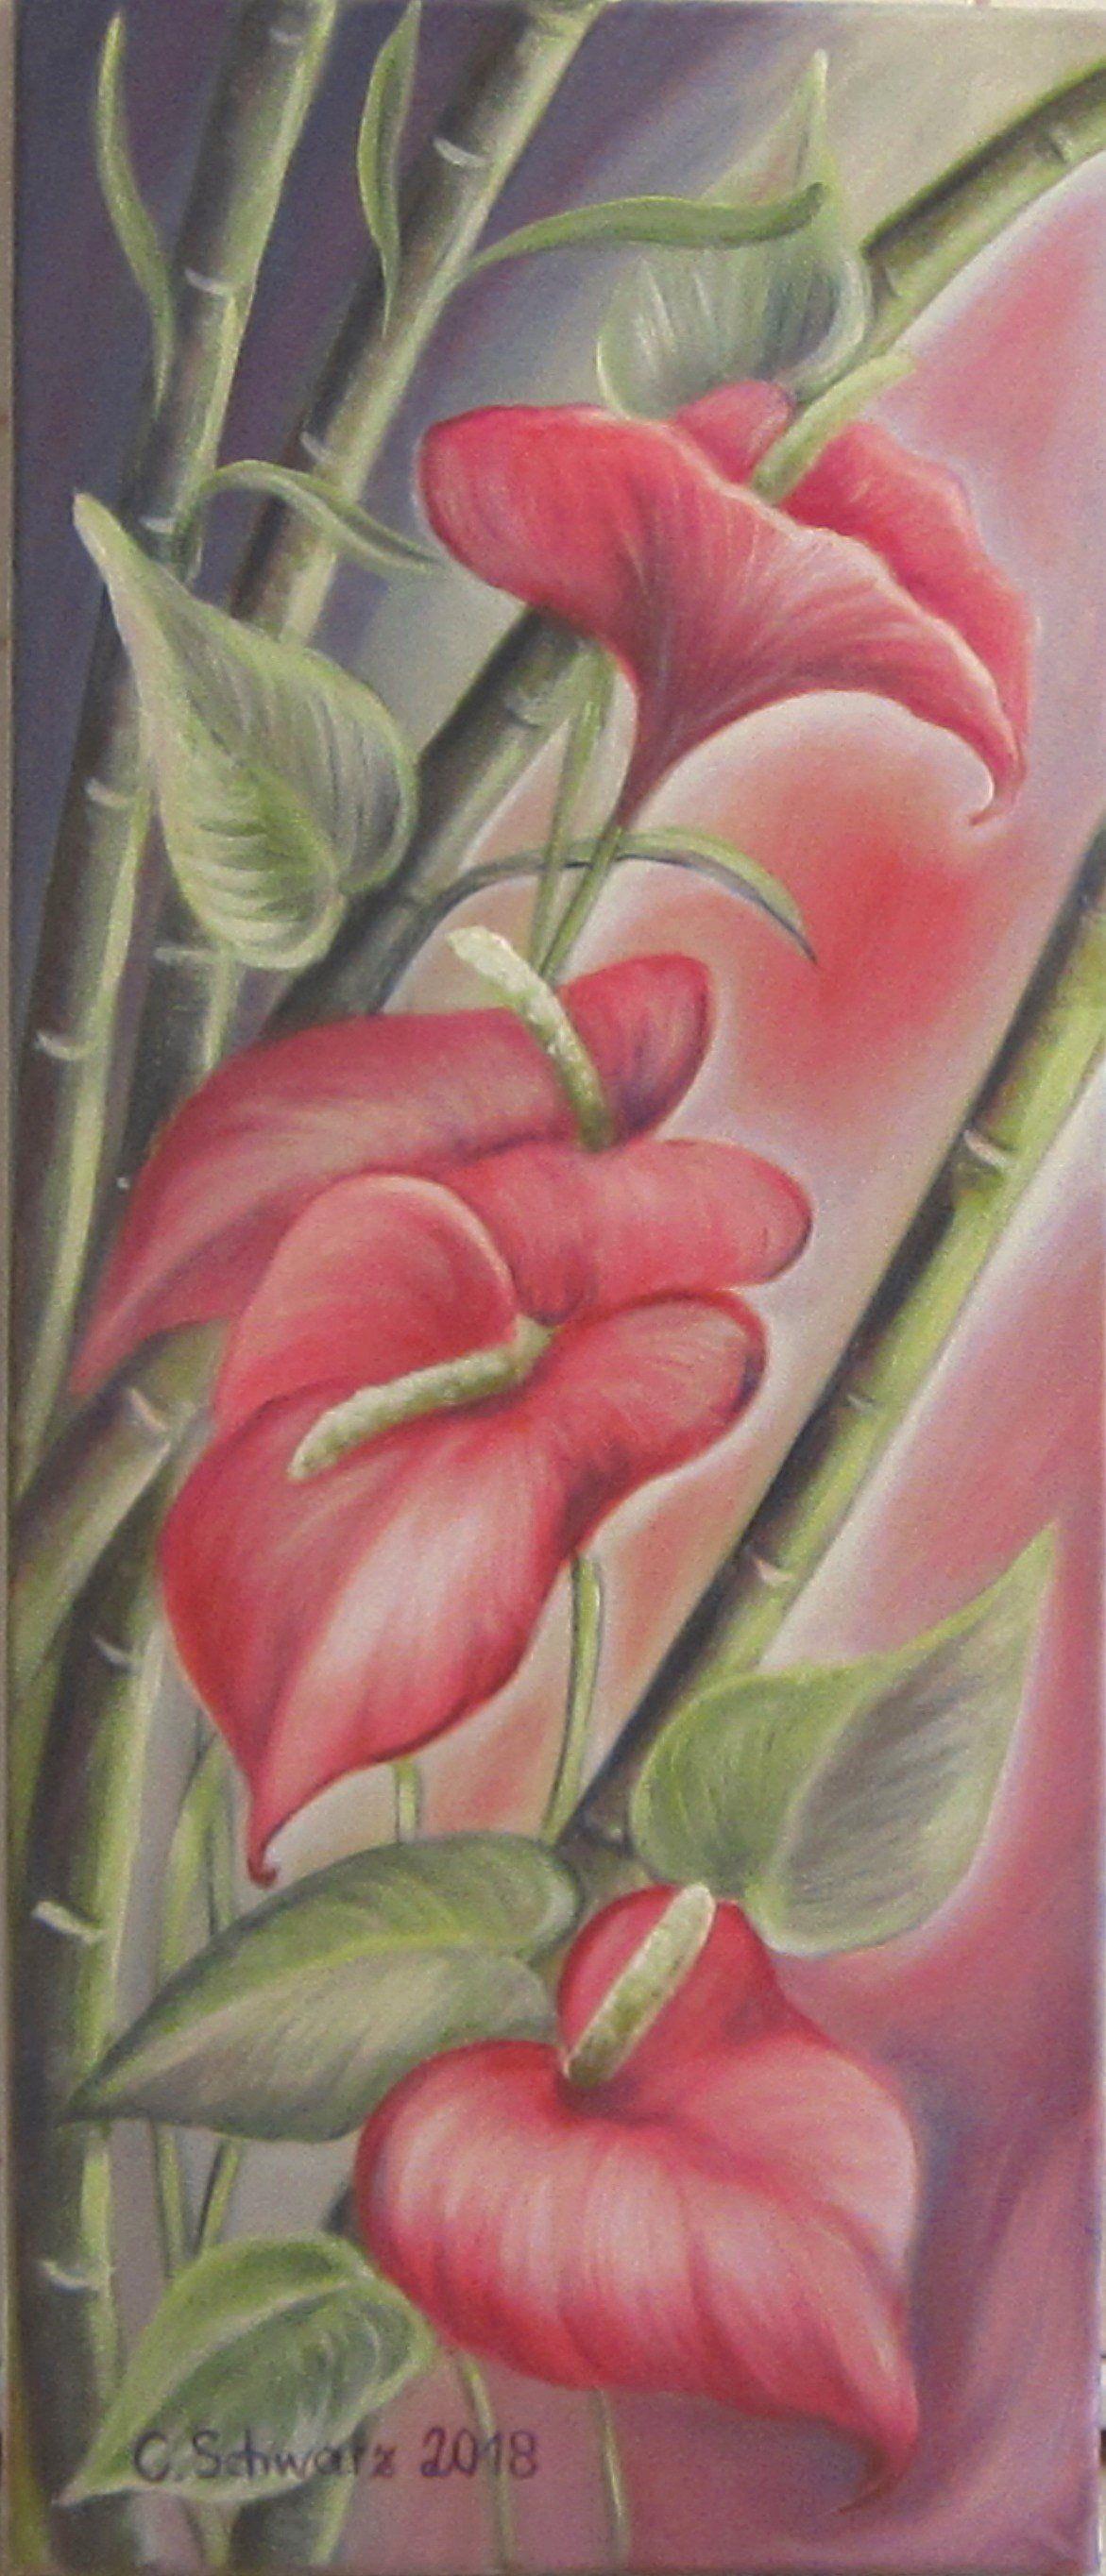 Atemberaubend Exotic Flamingo Flower-art Anthurium picture deco canvas artwork @JJ_53